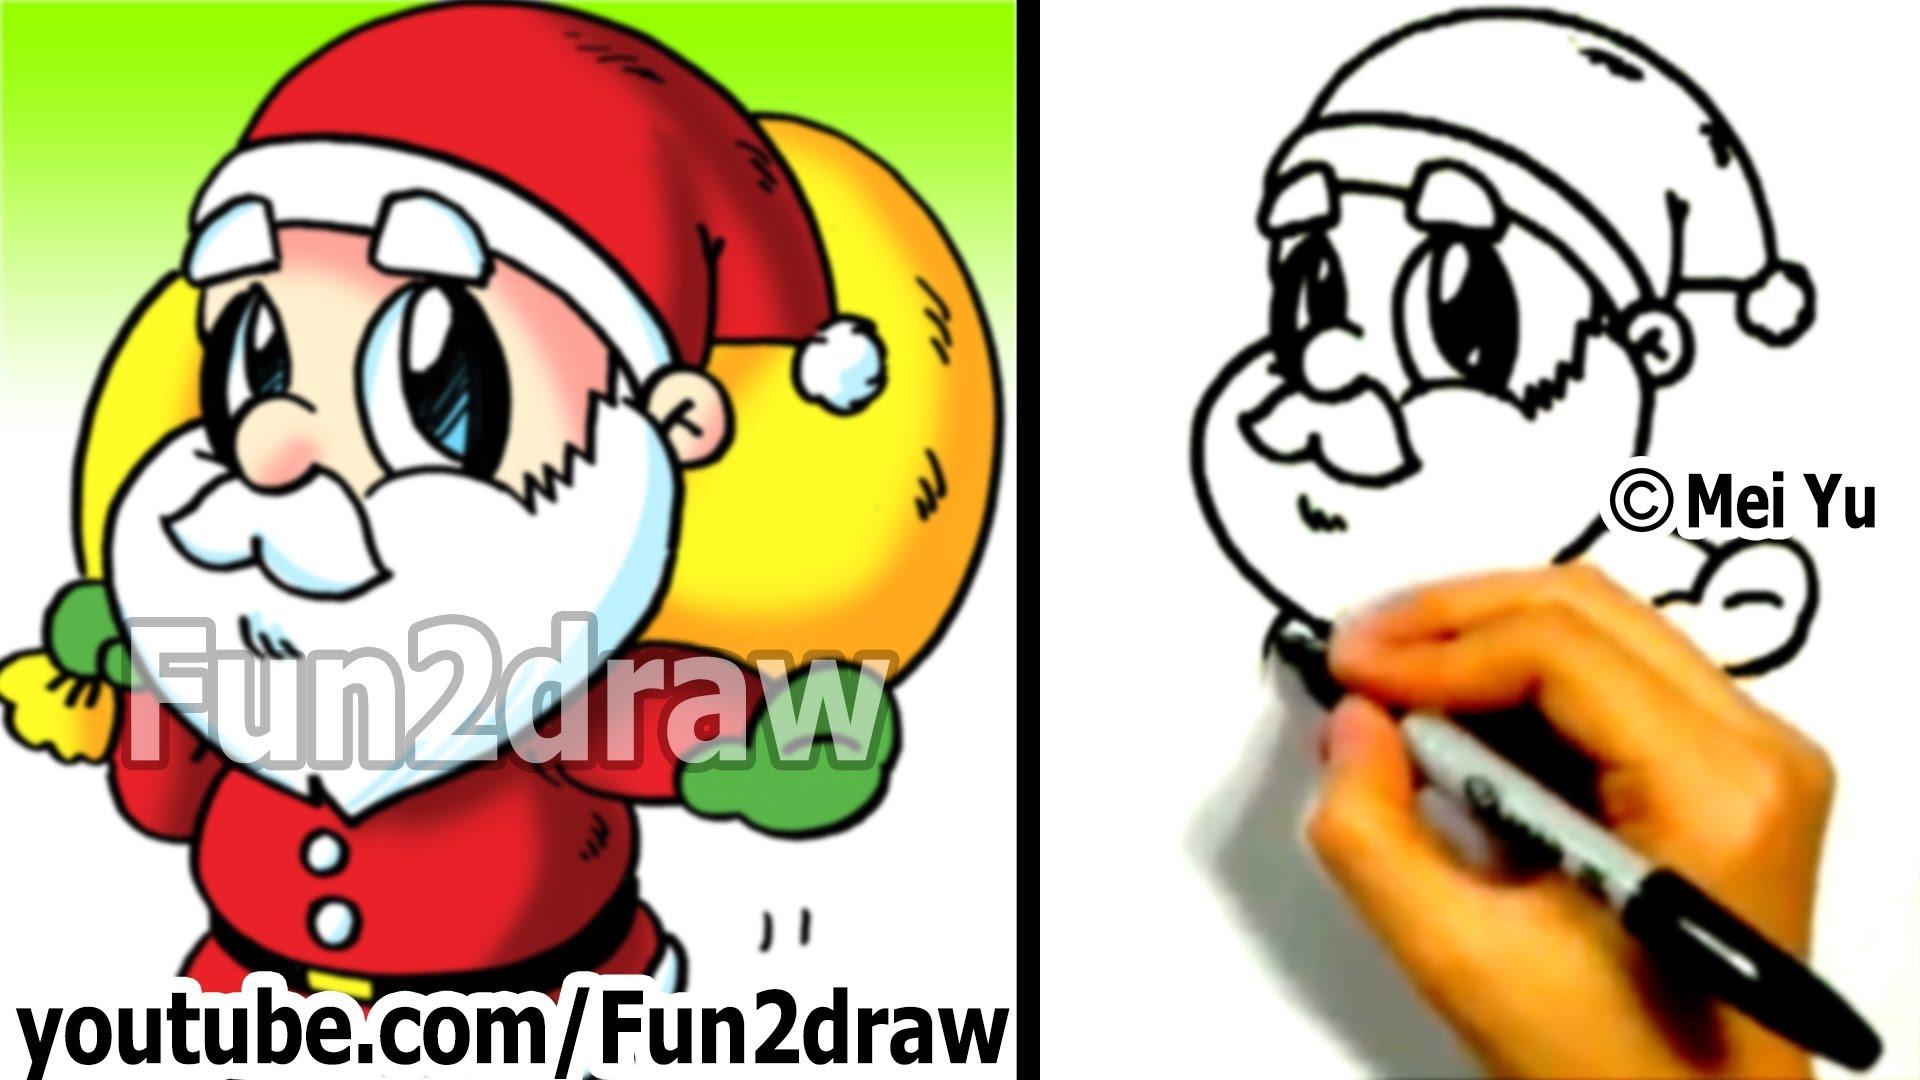 Drawn reindeer mei yu Draw Fun2draw Santa Fun Fun2draw